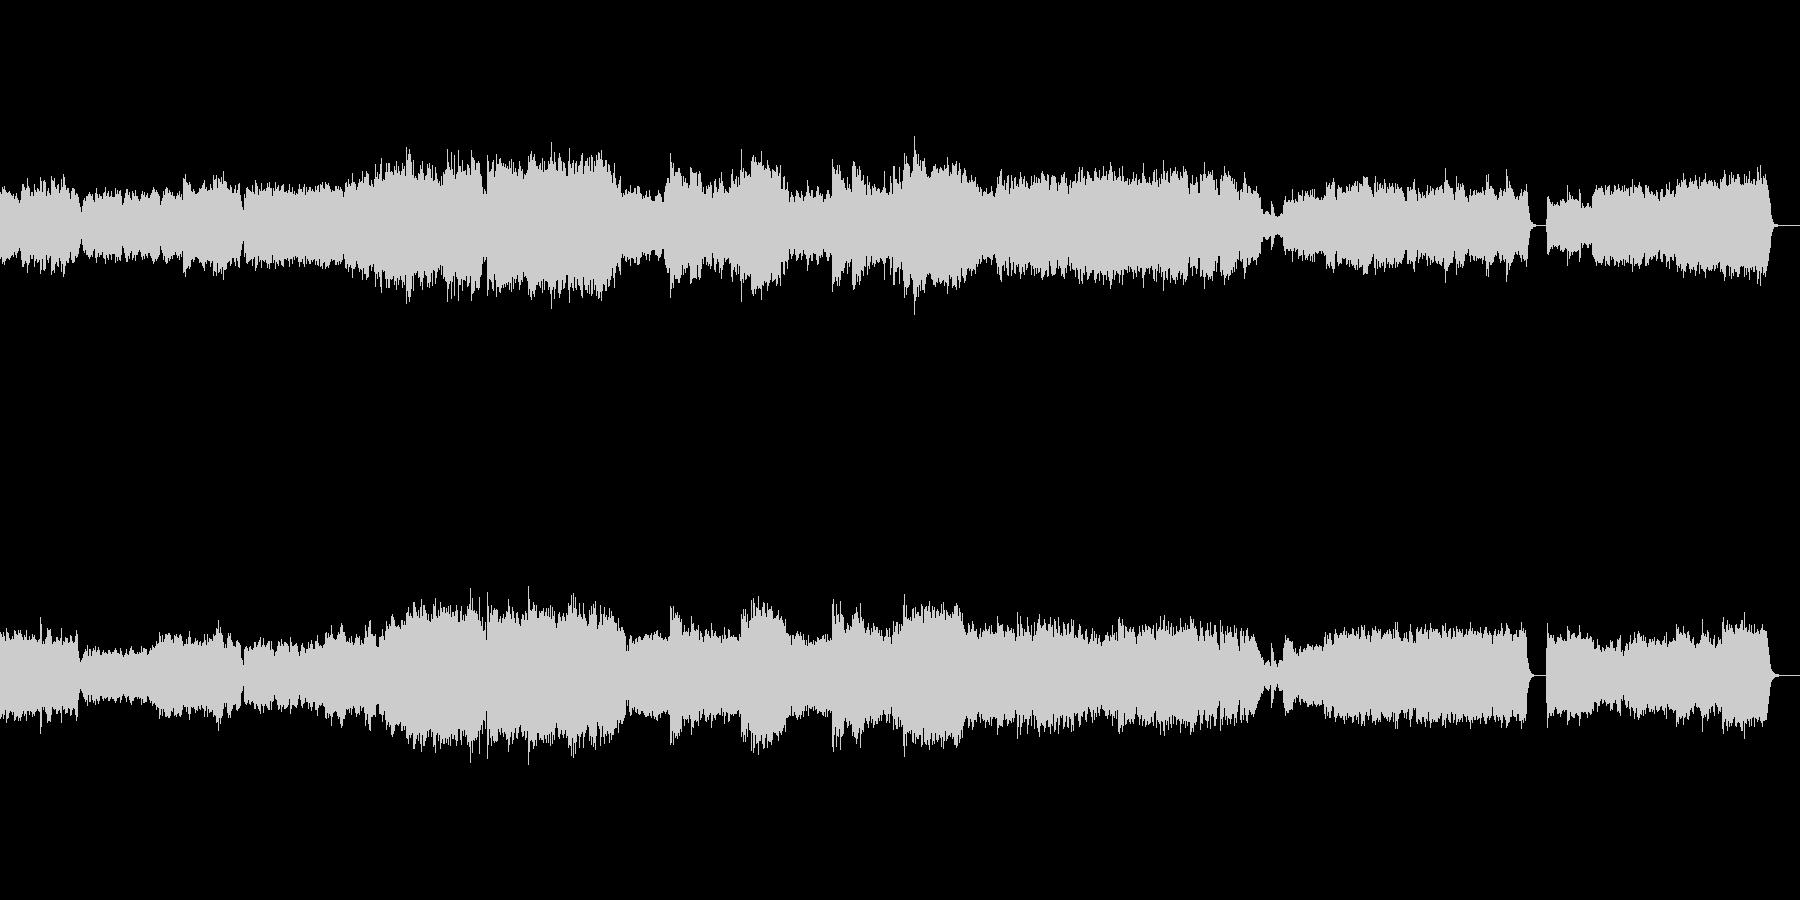 『ペール・ギュント』第1組曲より第一曲 の未再生の波形